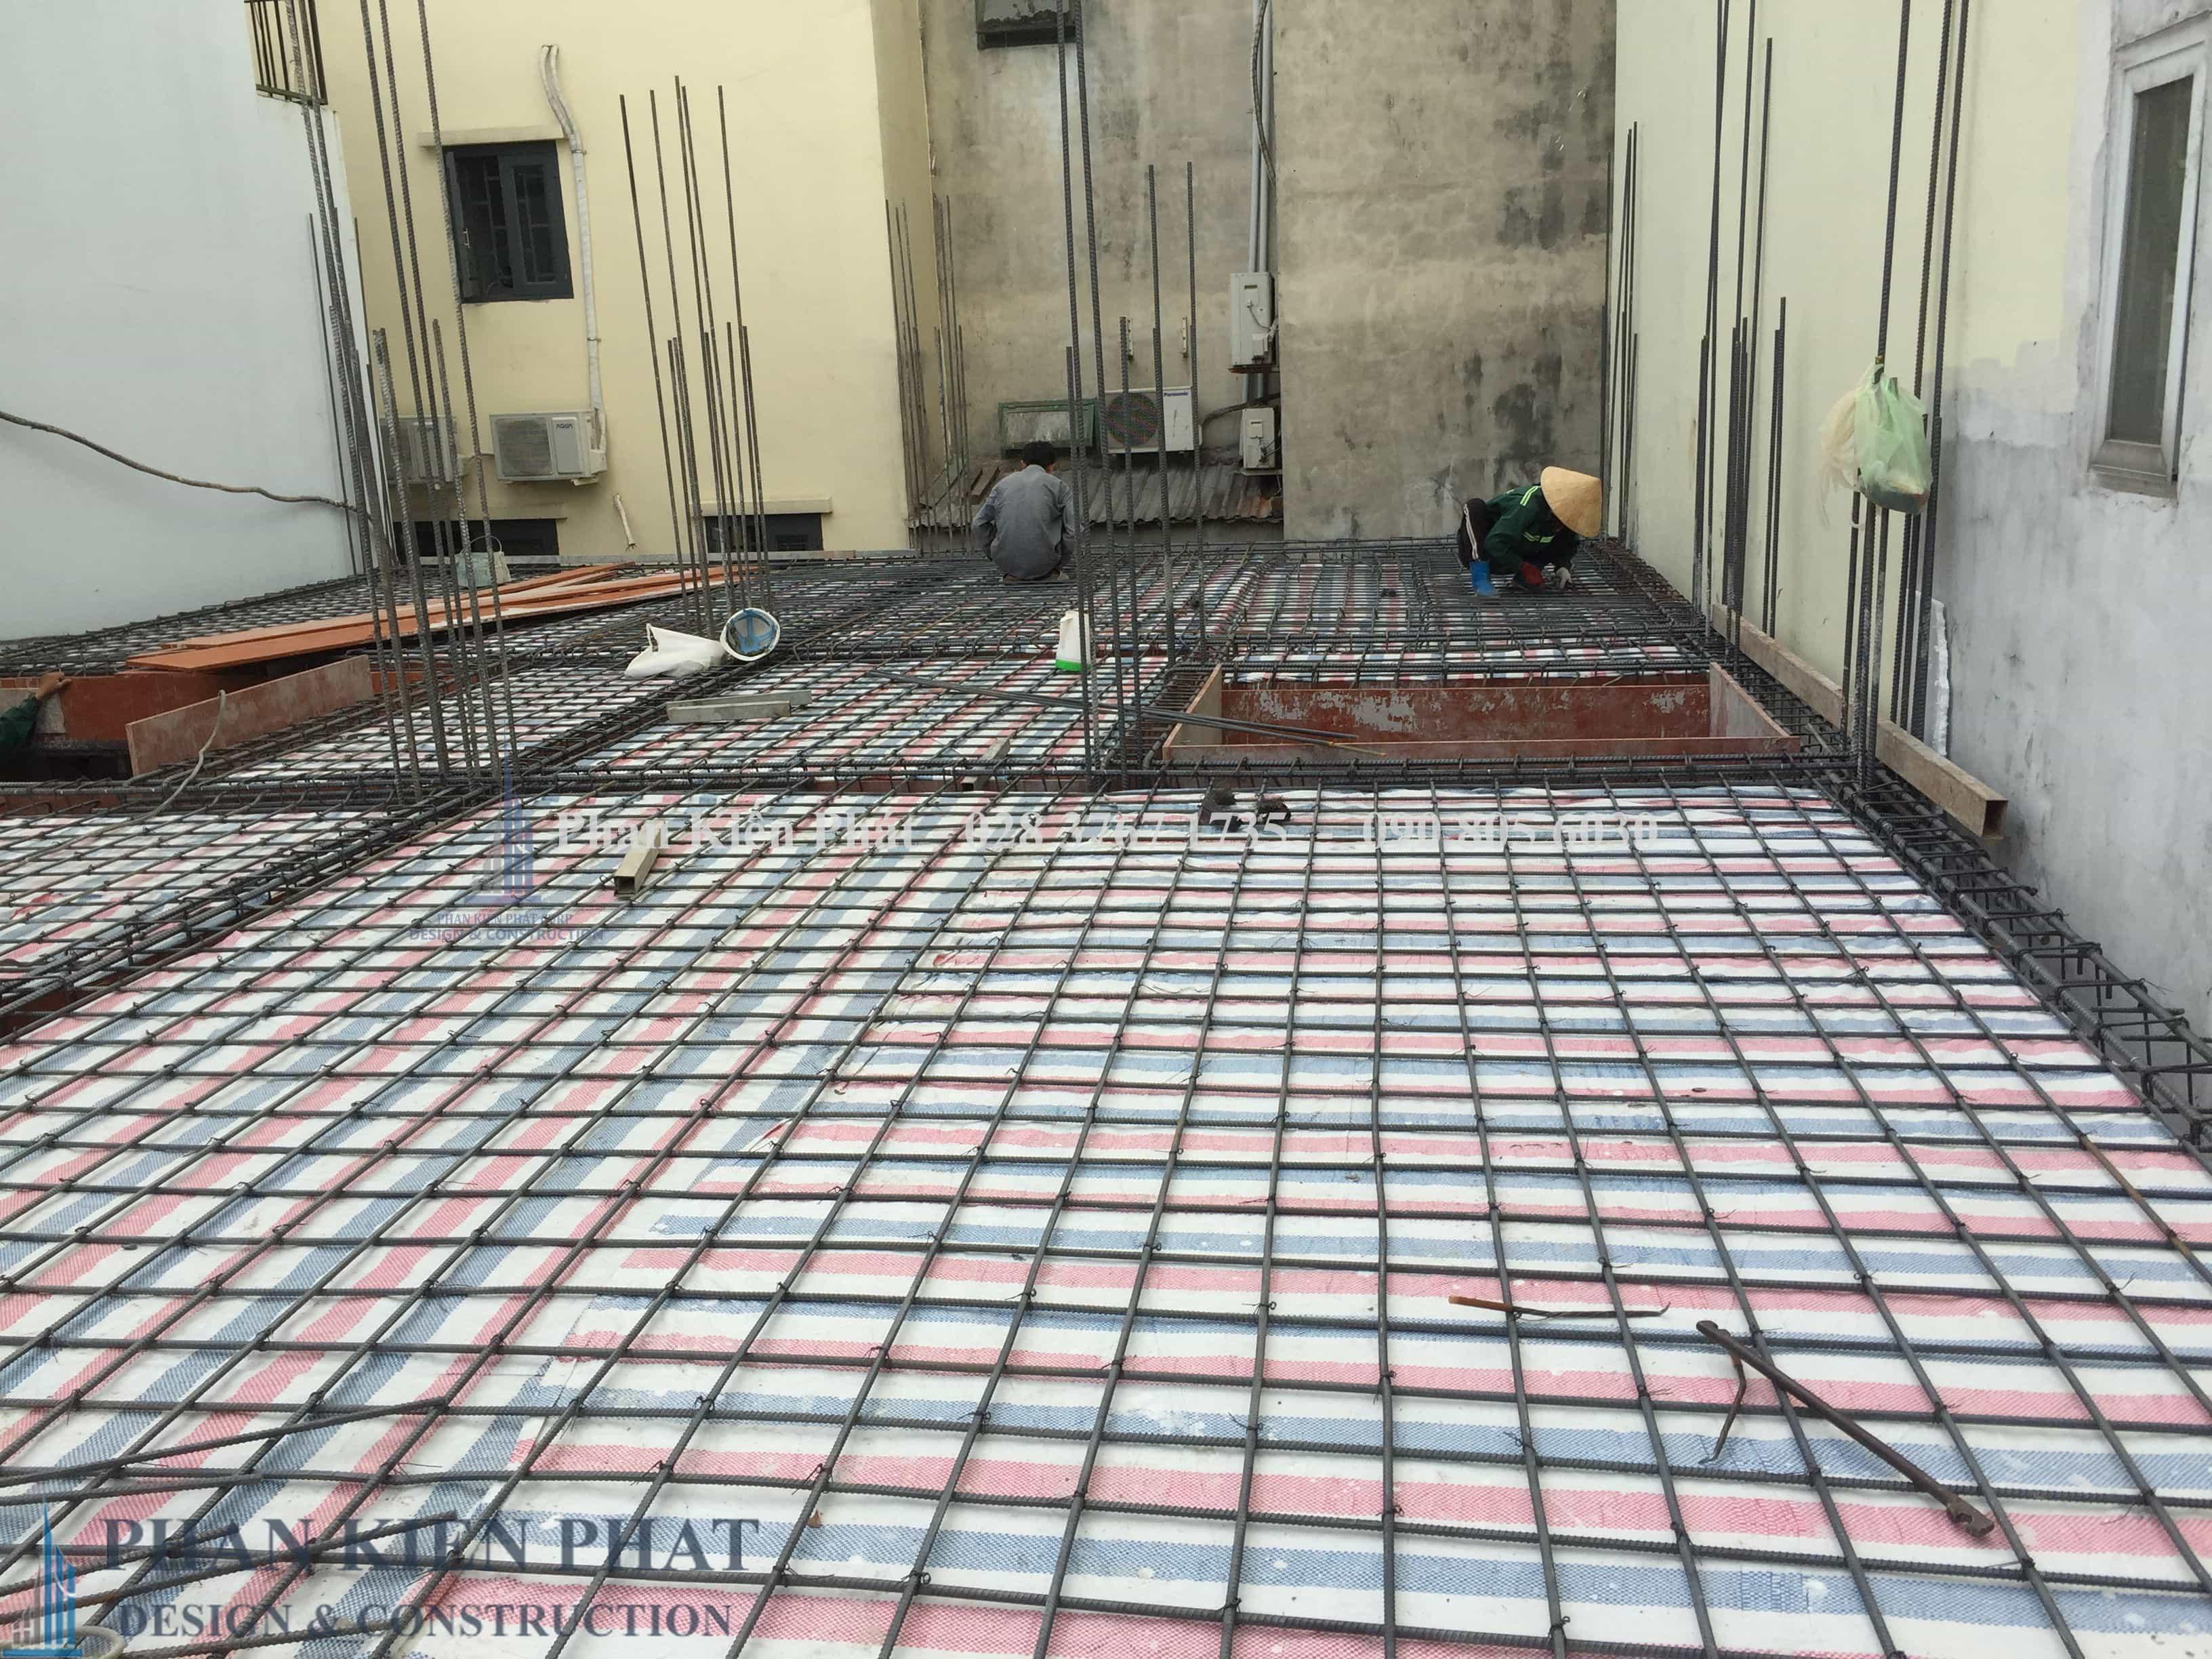 Gia Cong Lap Dung Cot Thep Dam San Lau 1 View 1 - công trình xây dựng trọn gói